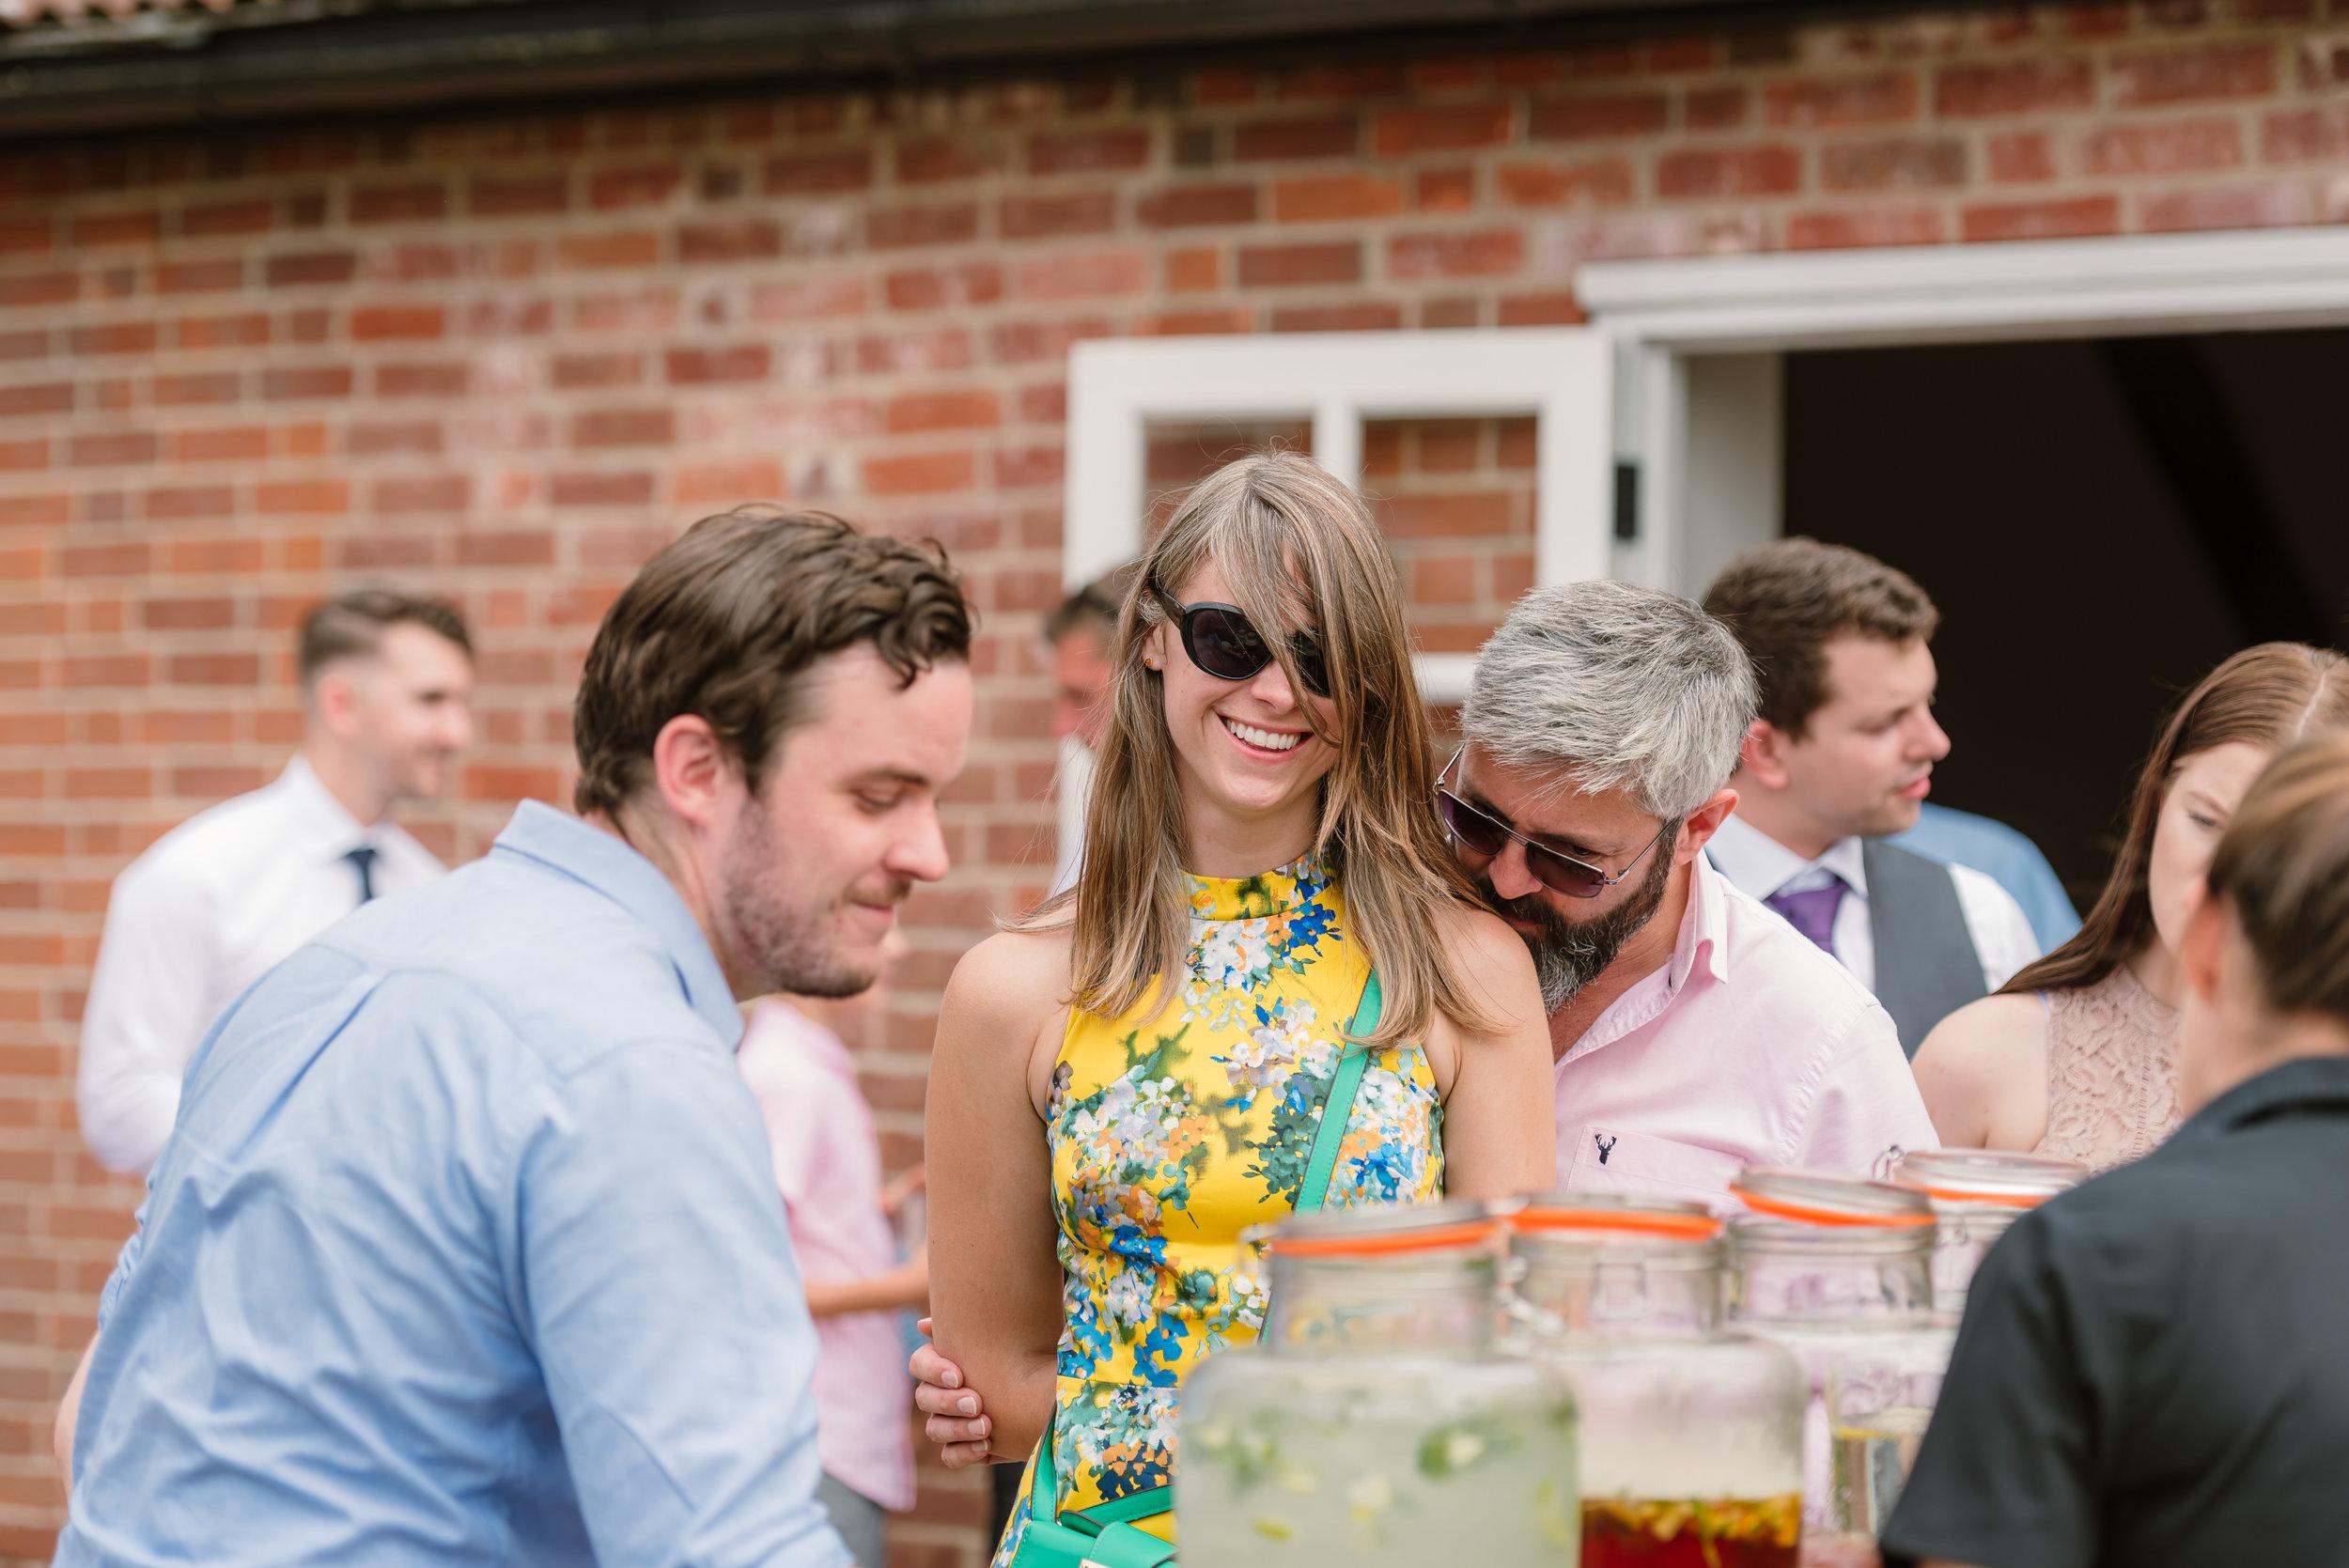 Hampshire Wedding Photographer Hampshire : Ufton-Court-Wedding : Barn-wedding-venue-hampshire : sarah-fishlock-photography : hampshire-barn-wedding-698.jpg